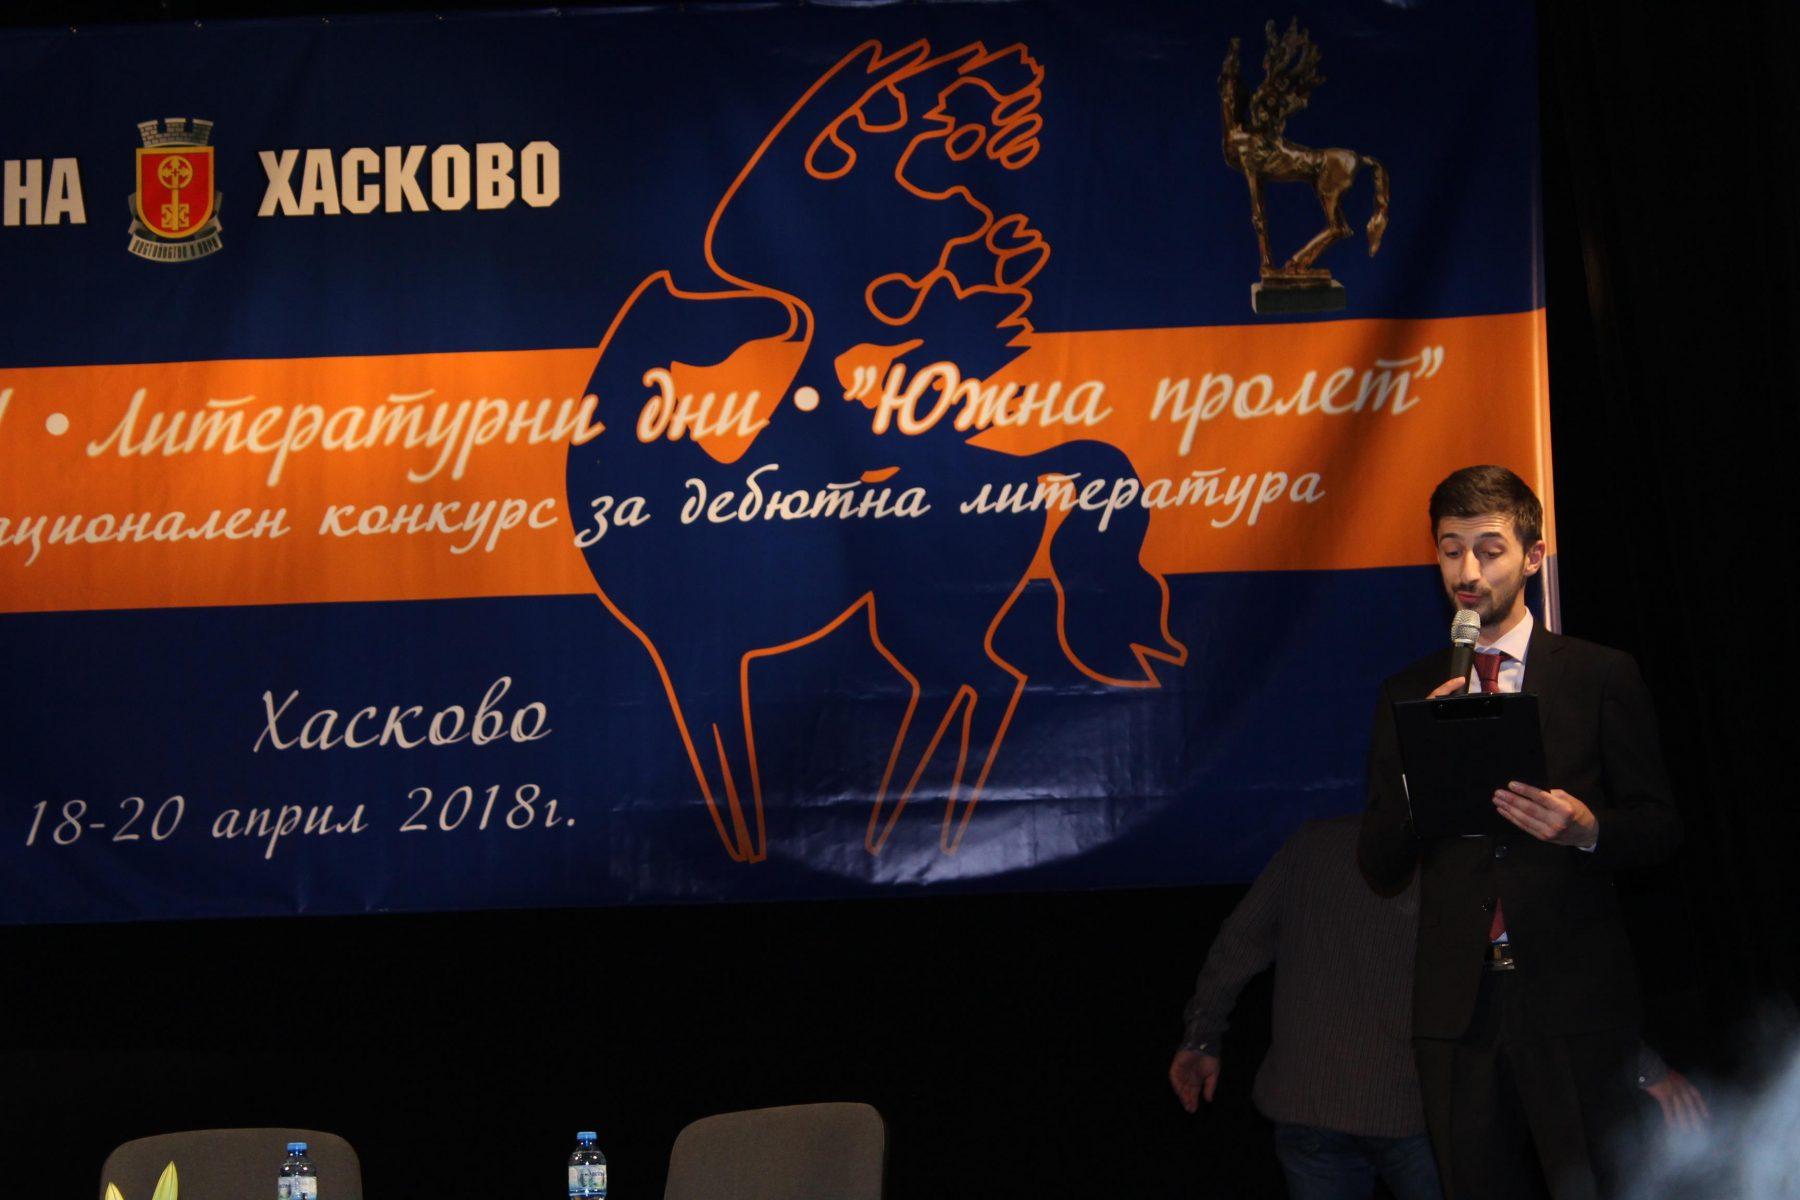 """Теодор Тодоров - Тео водещ на """"Южна пролет"""" Хаксово, 2018"""